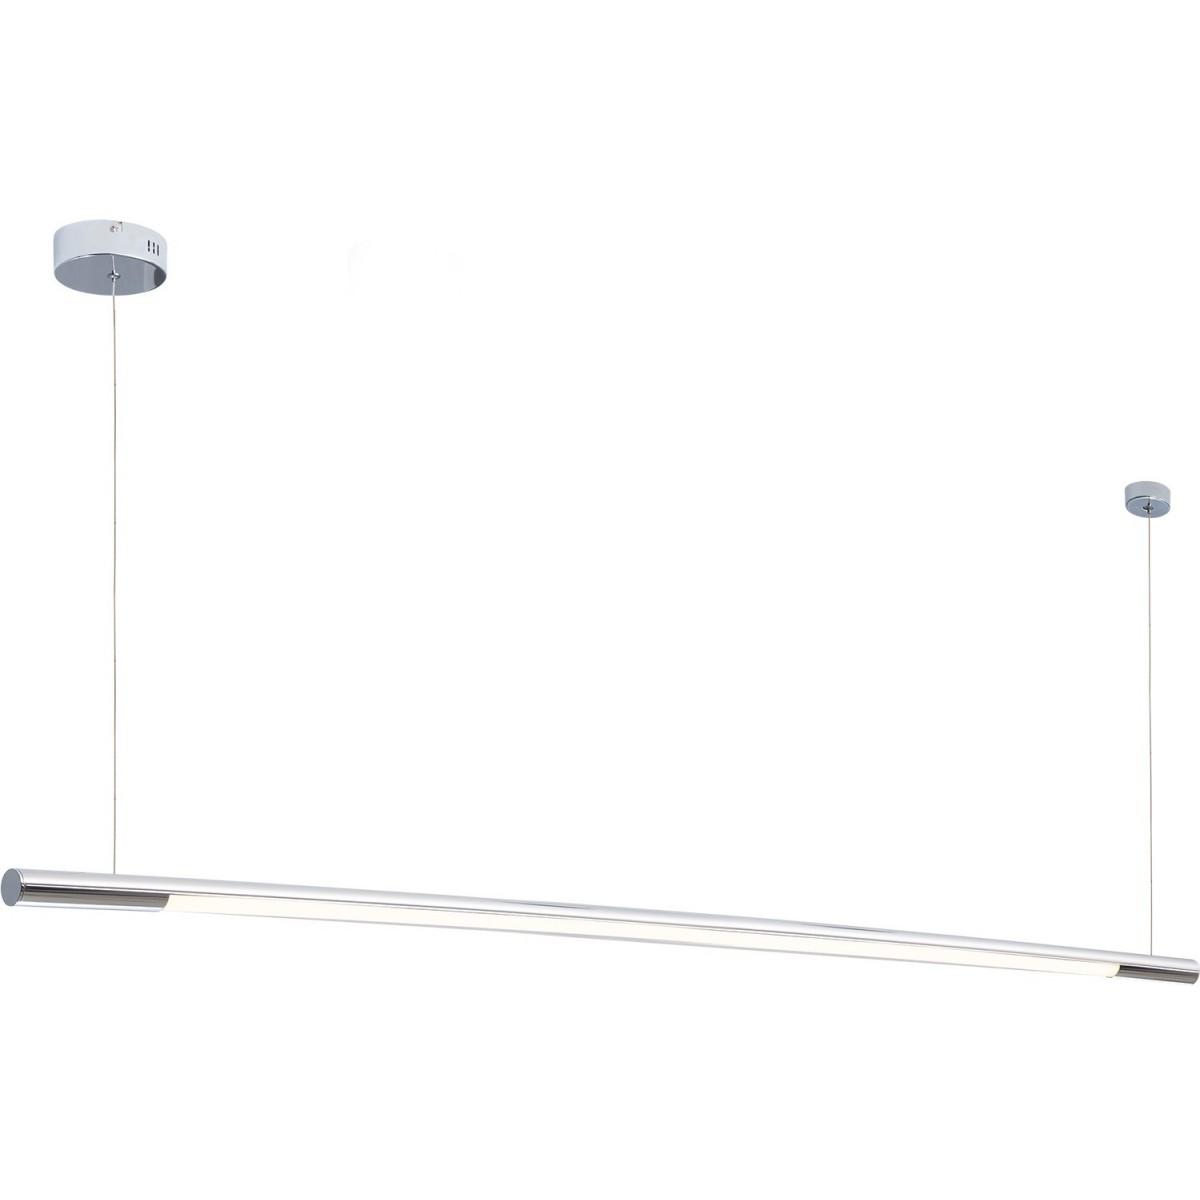 MAXlight Organic Horizon Wisząca 26W LED 2210lm 3000K 150cm Chrom Ściemnialna P0359D